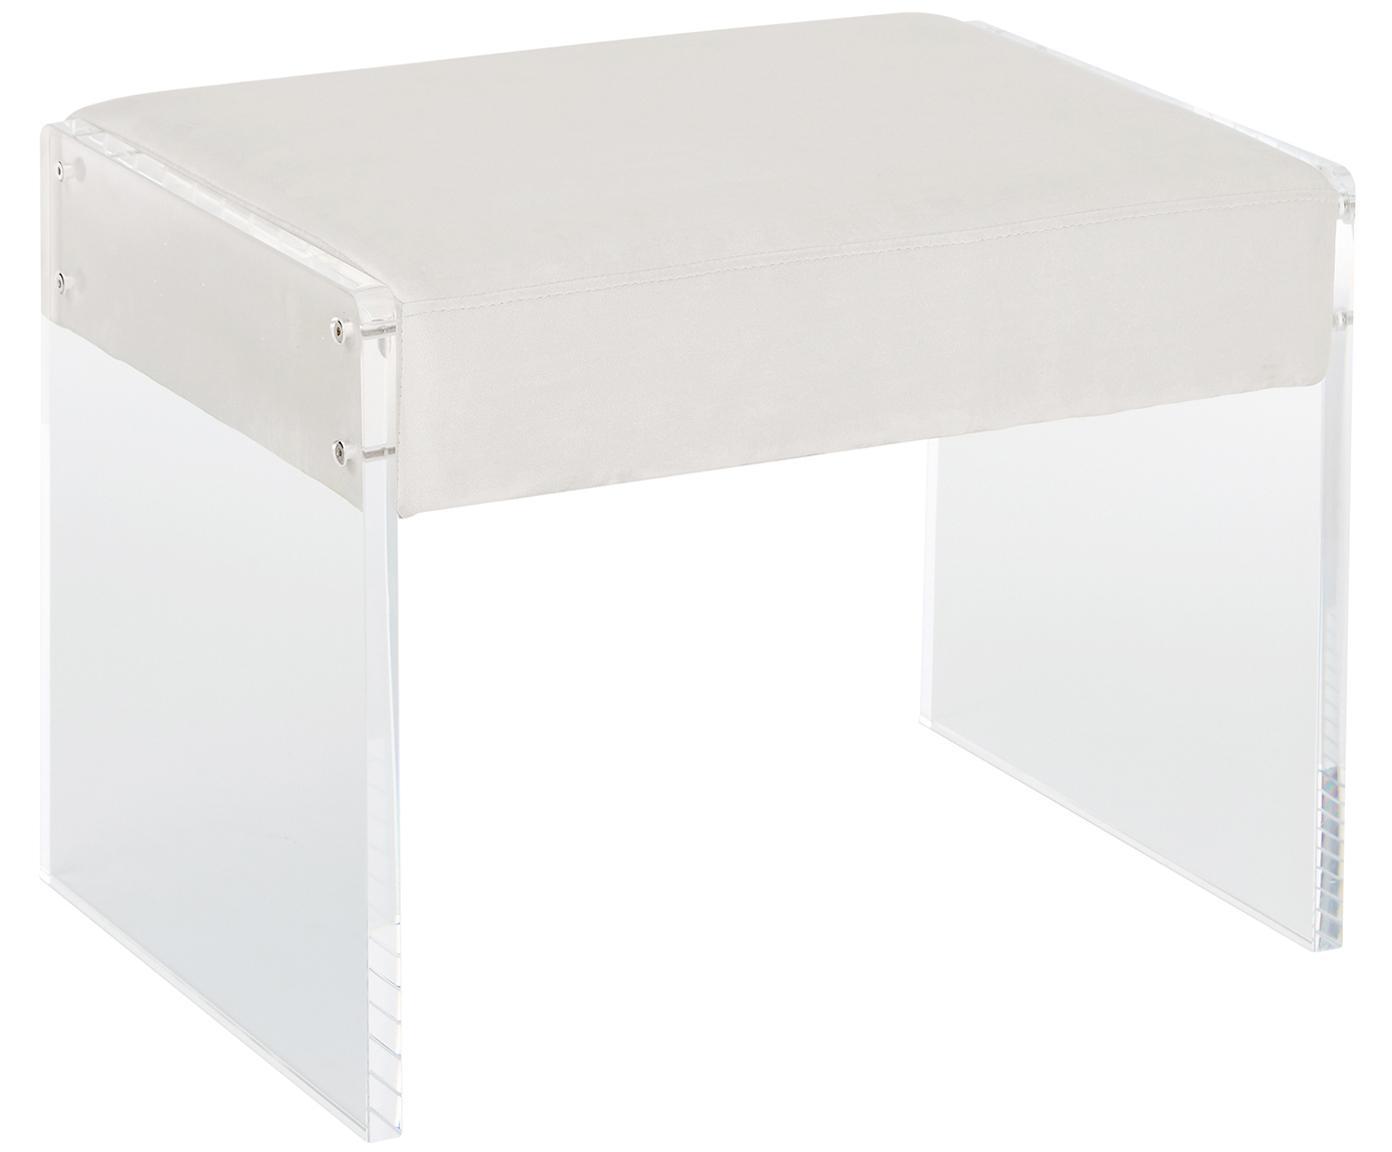 Fluwelen kruk Ayden, Bekleding: fluweel (polyester), Frame: massief populierenhout, m, Poten: acrylglas, Bekleding: beige. Frame: transparant, 61 x 45 cm